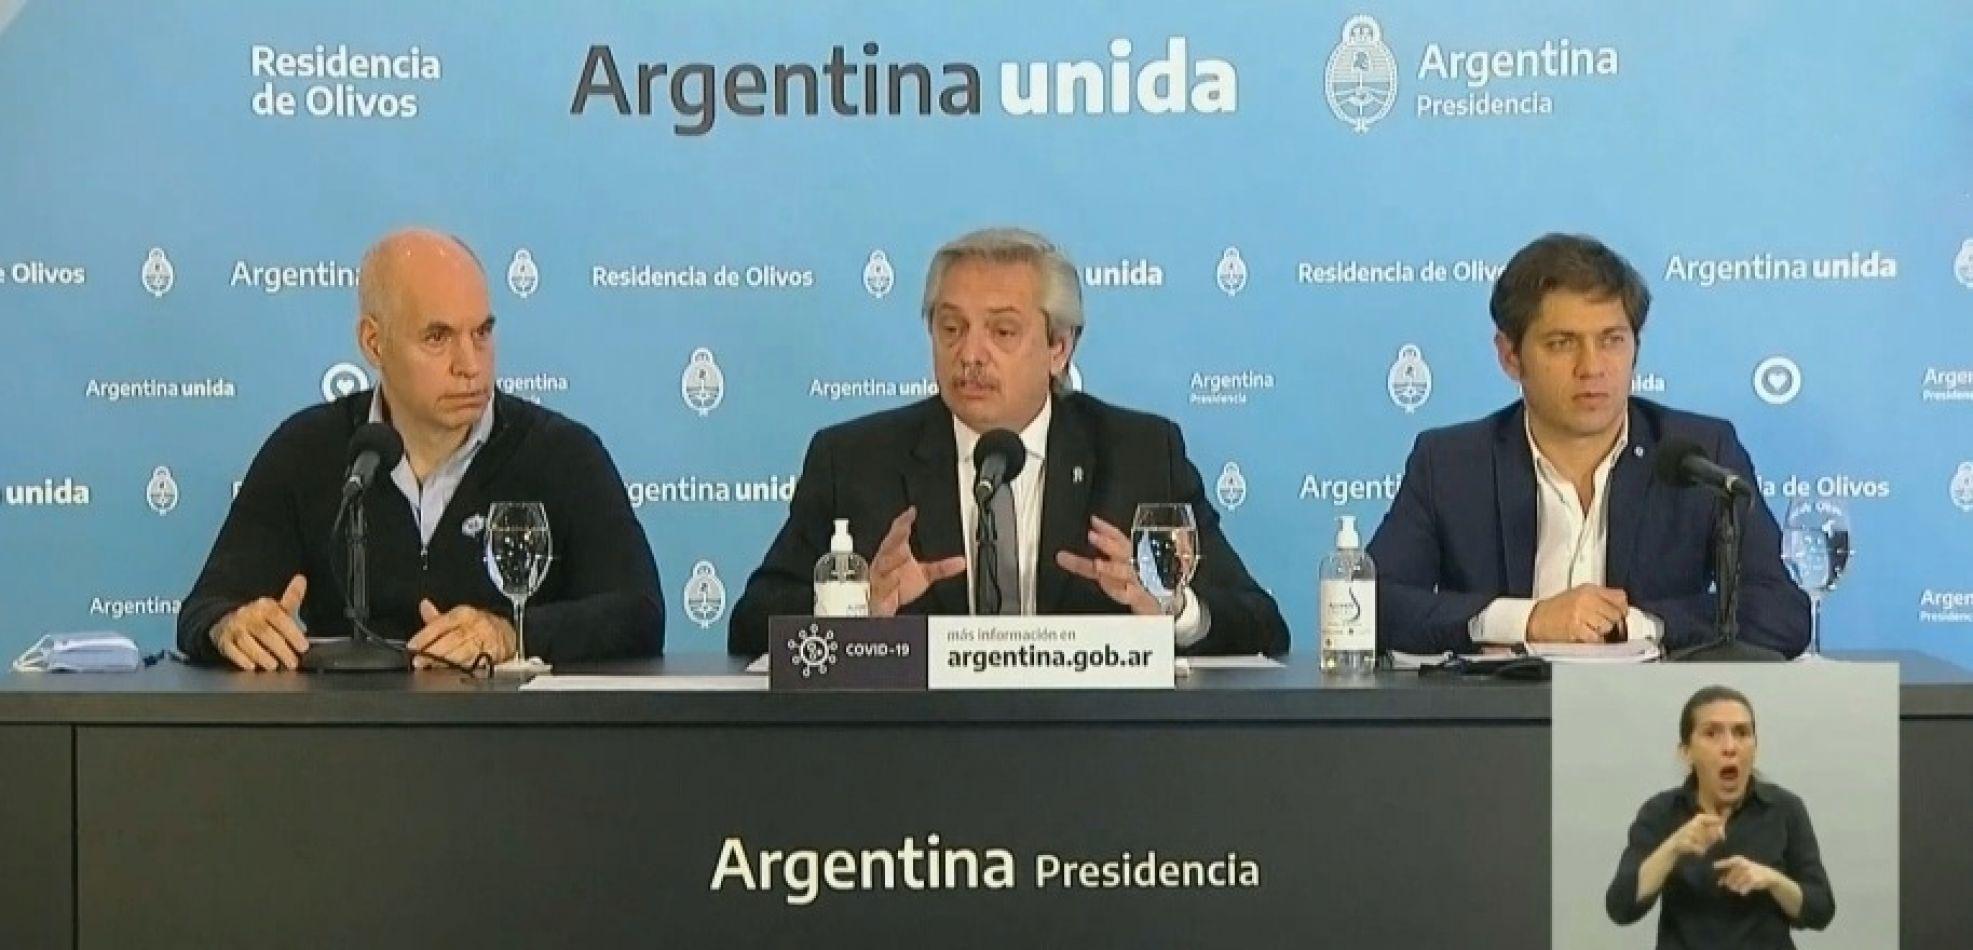 Argentina sigue en cuarentena hasta el 7 de junio